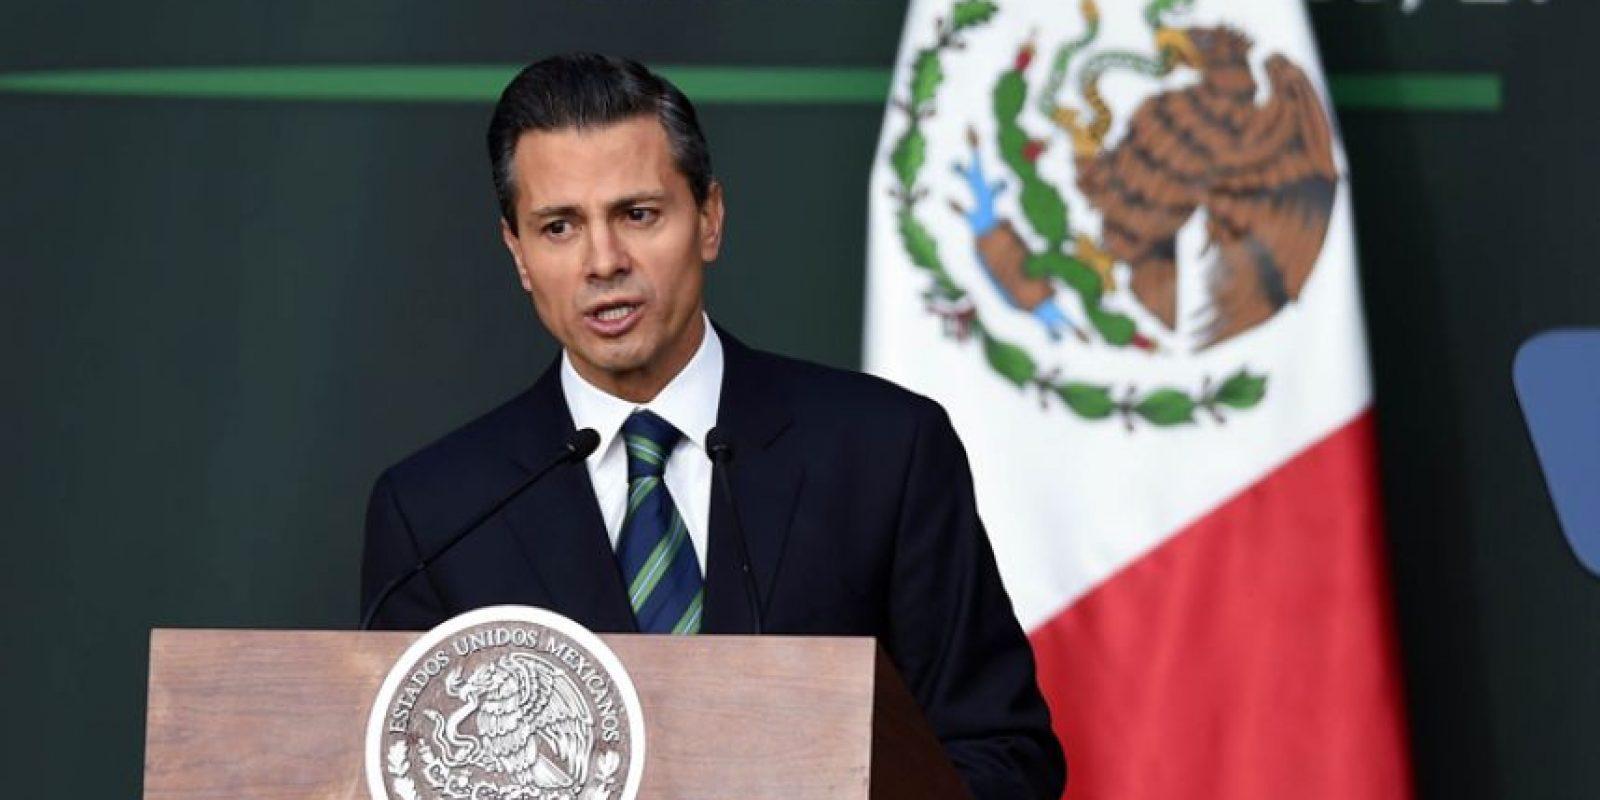 El mandatario Otto Pérez tiene buenas relaciones con su homólogo de México, Enrique Peña Nieto Foto:Agencias